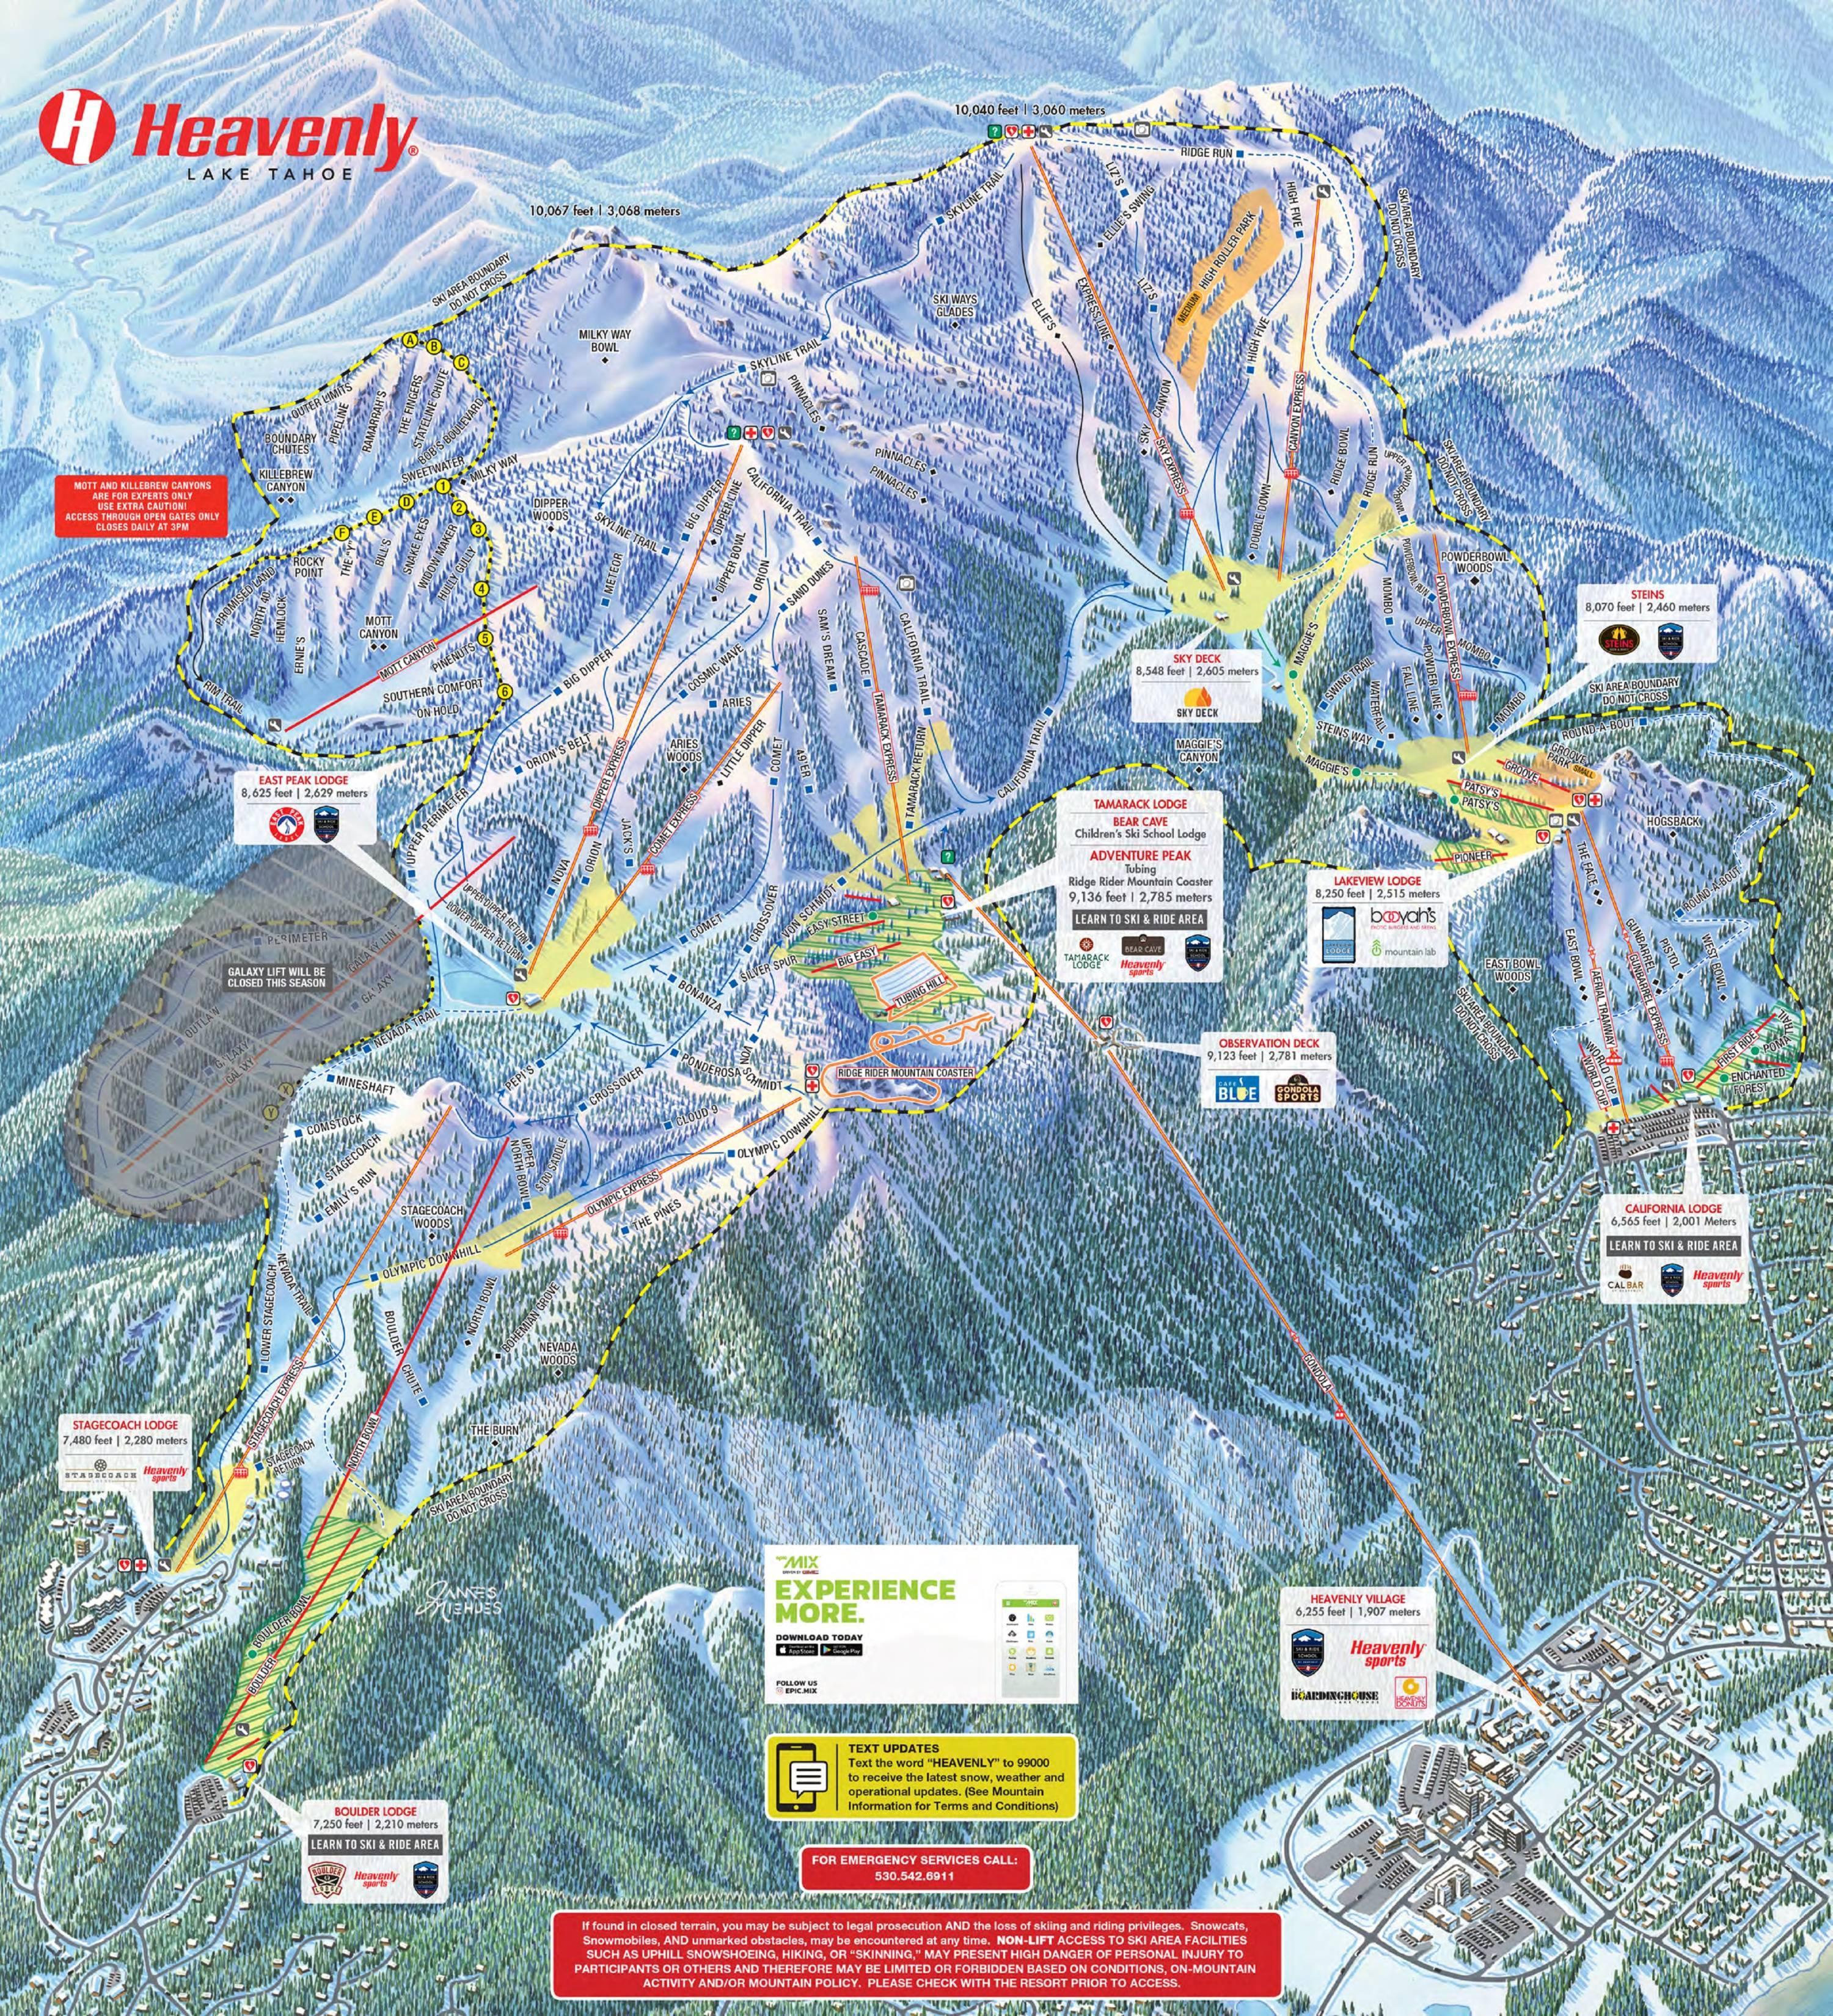 Mappa delle piste heavenly for Noleggio di cabine lake tahoe per coppie